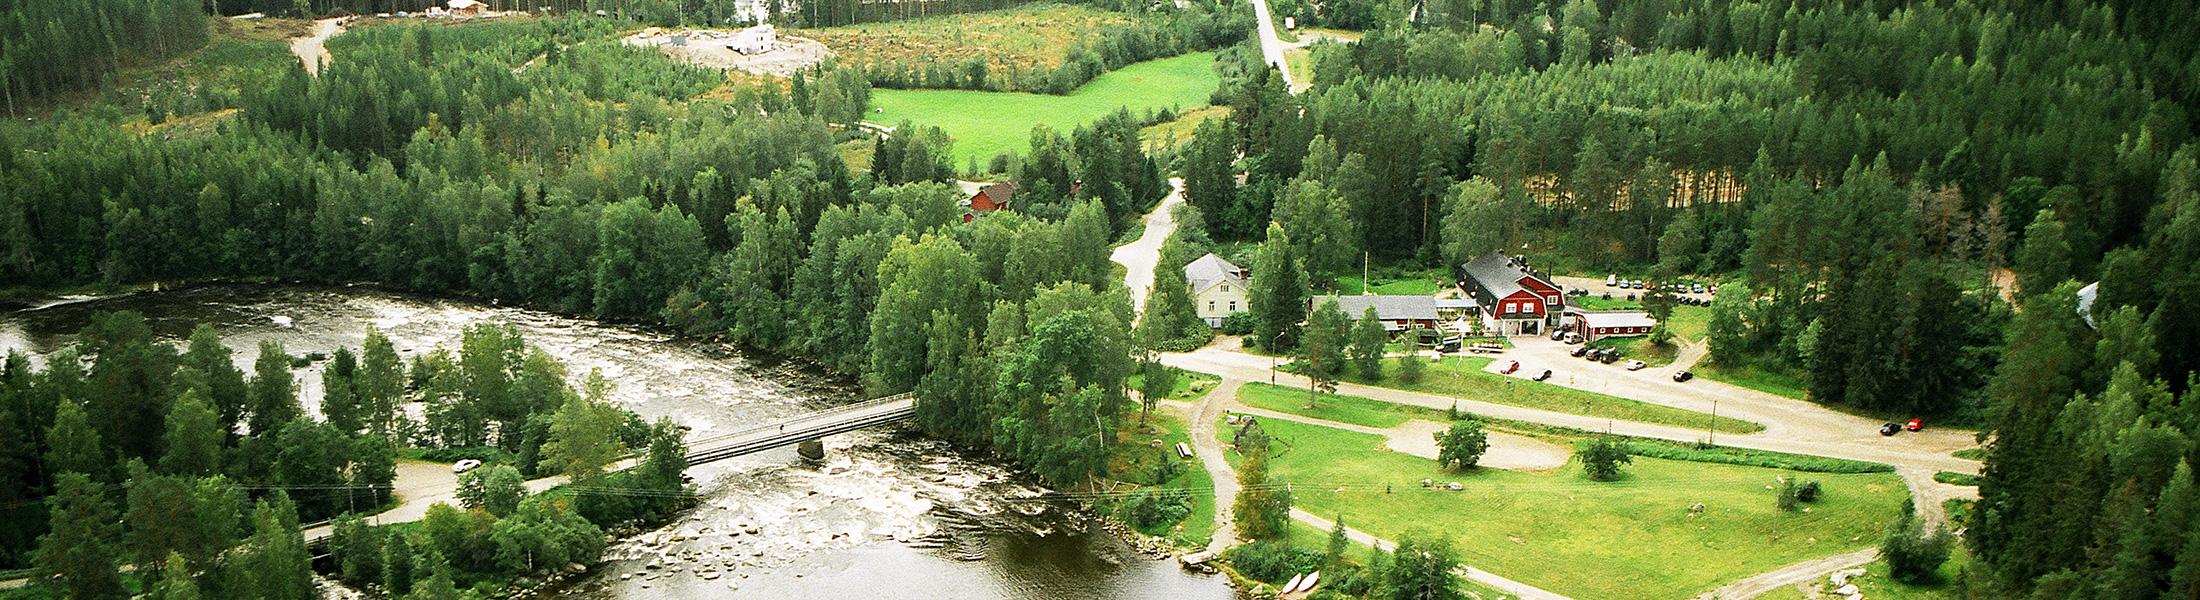 Varjola - Kuusa